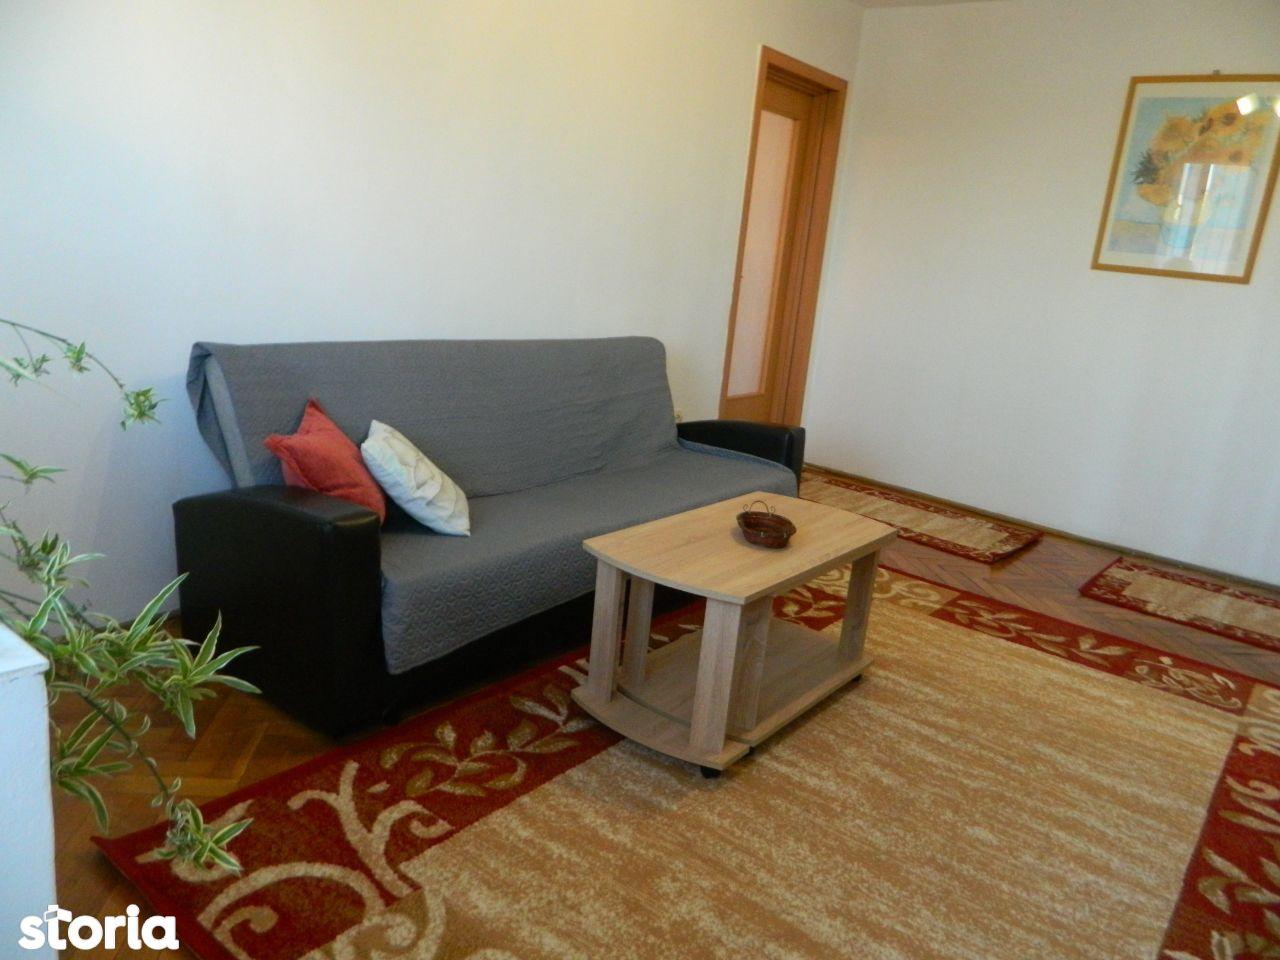 Calea sagului/dambovita-renovat, mobiliare nou